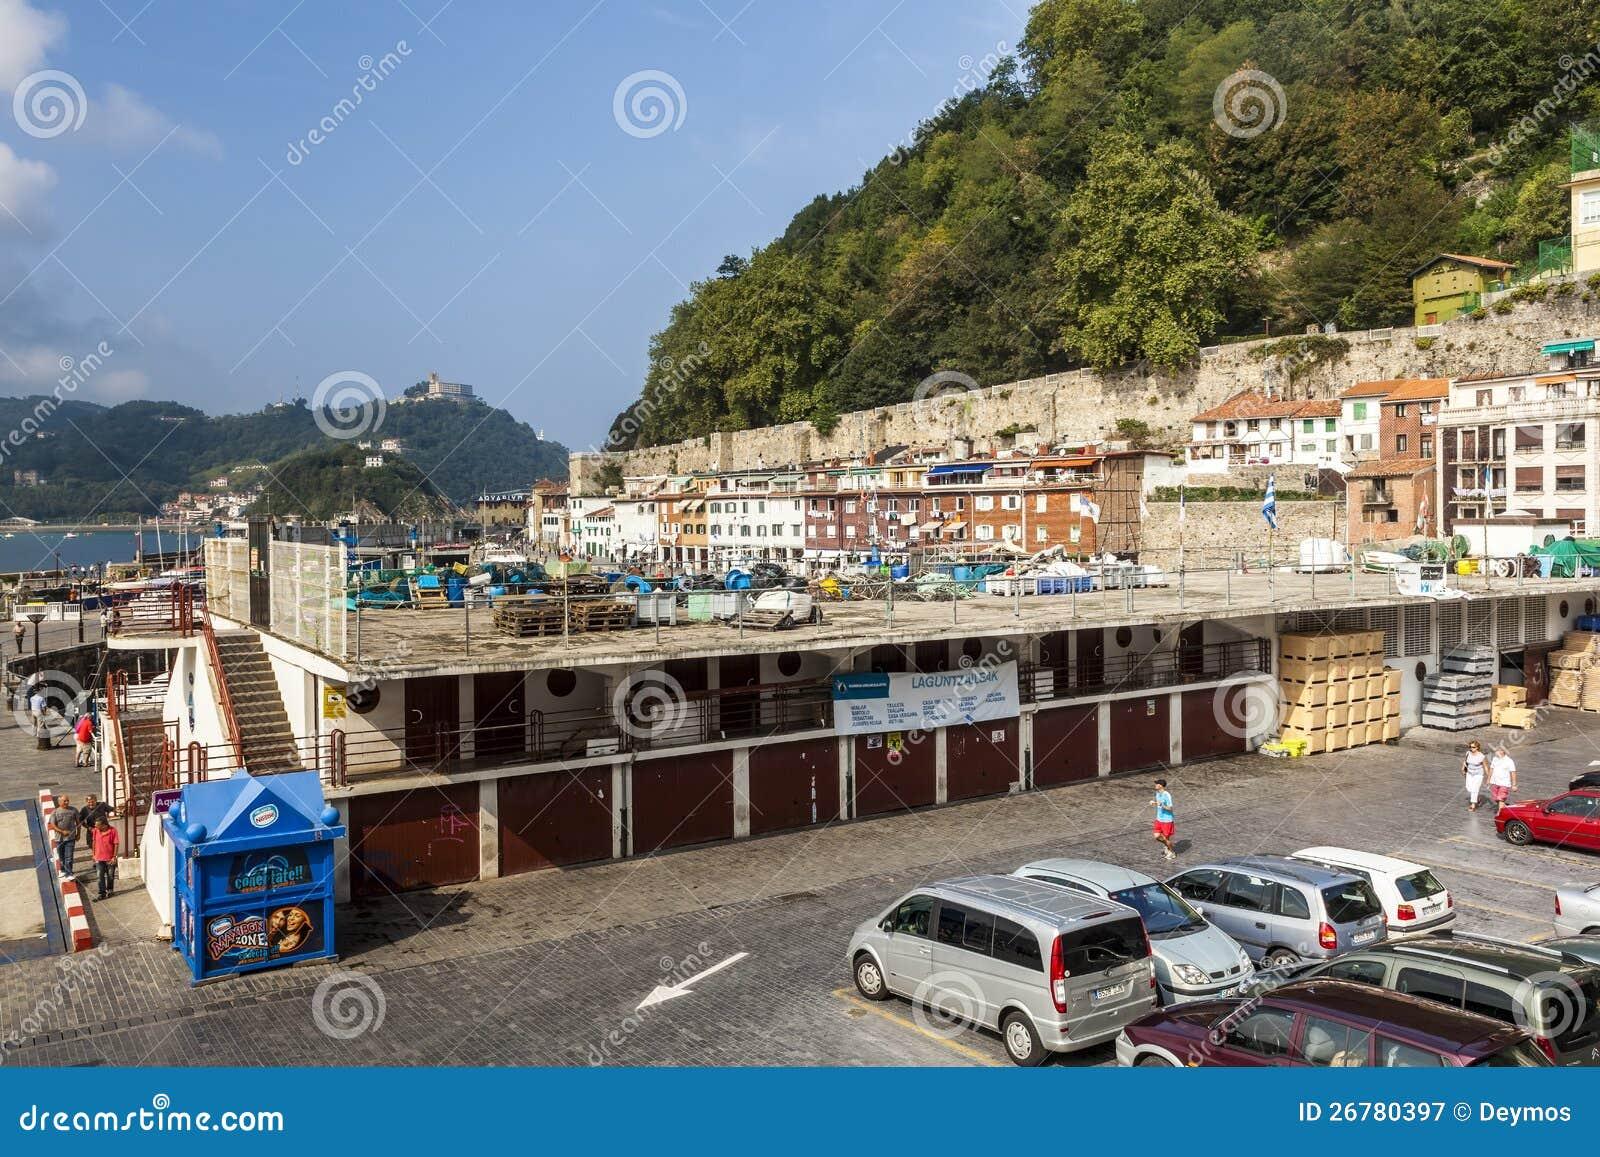 Vieux port de san sebastian espagne photographie - Office de tourisme san sebastian espagne ...